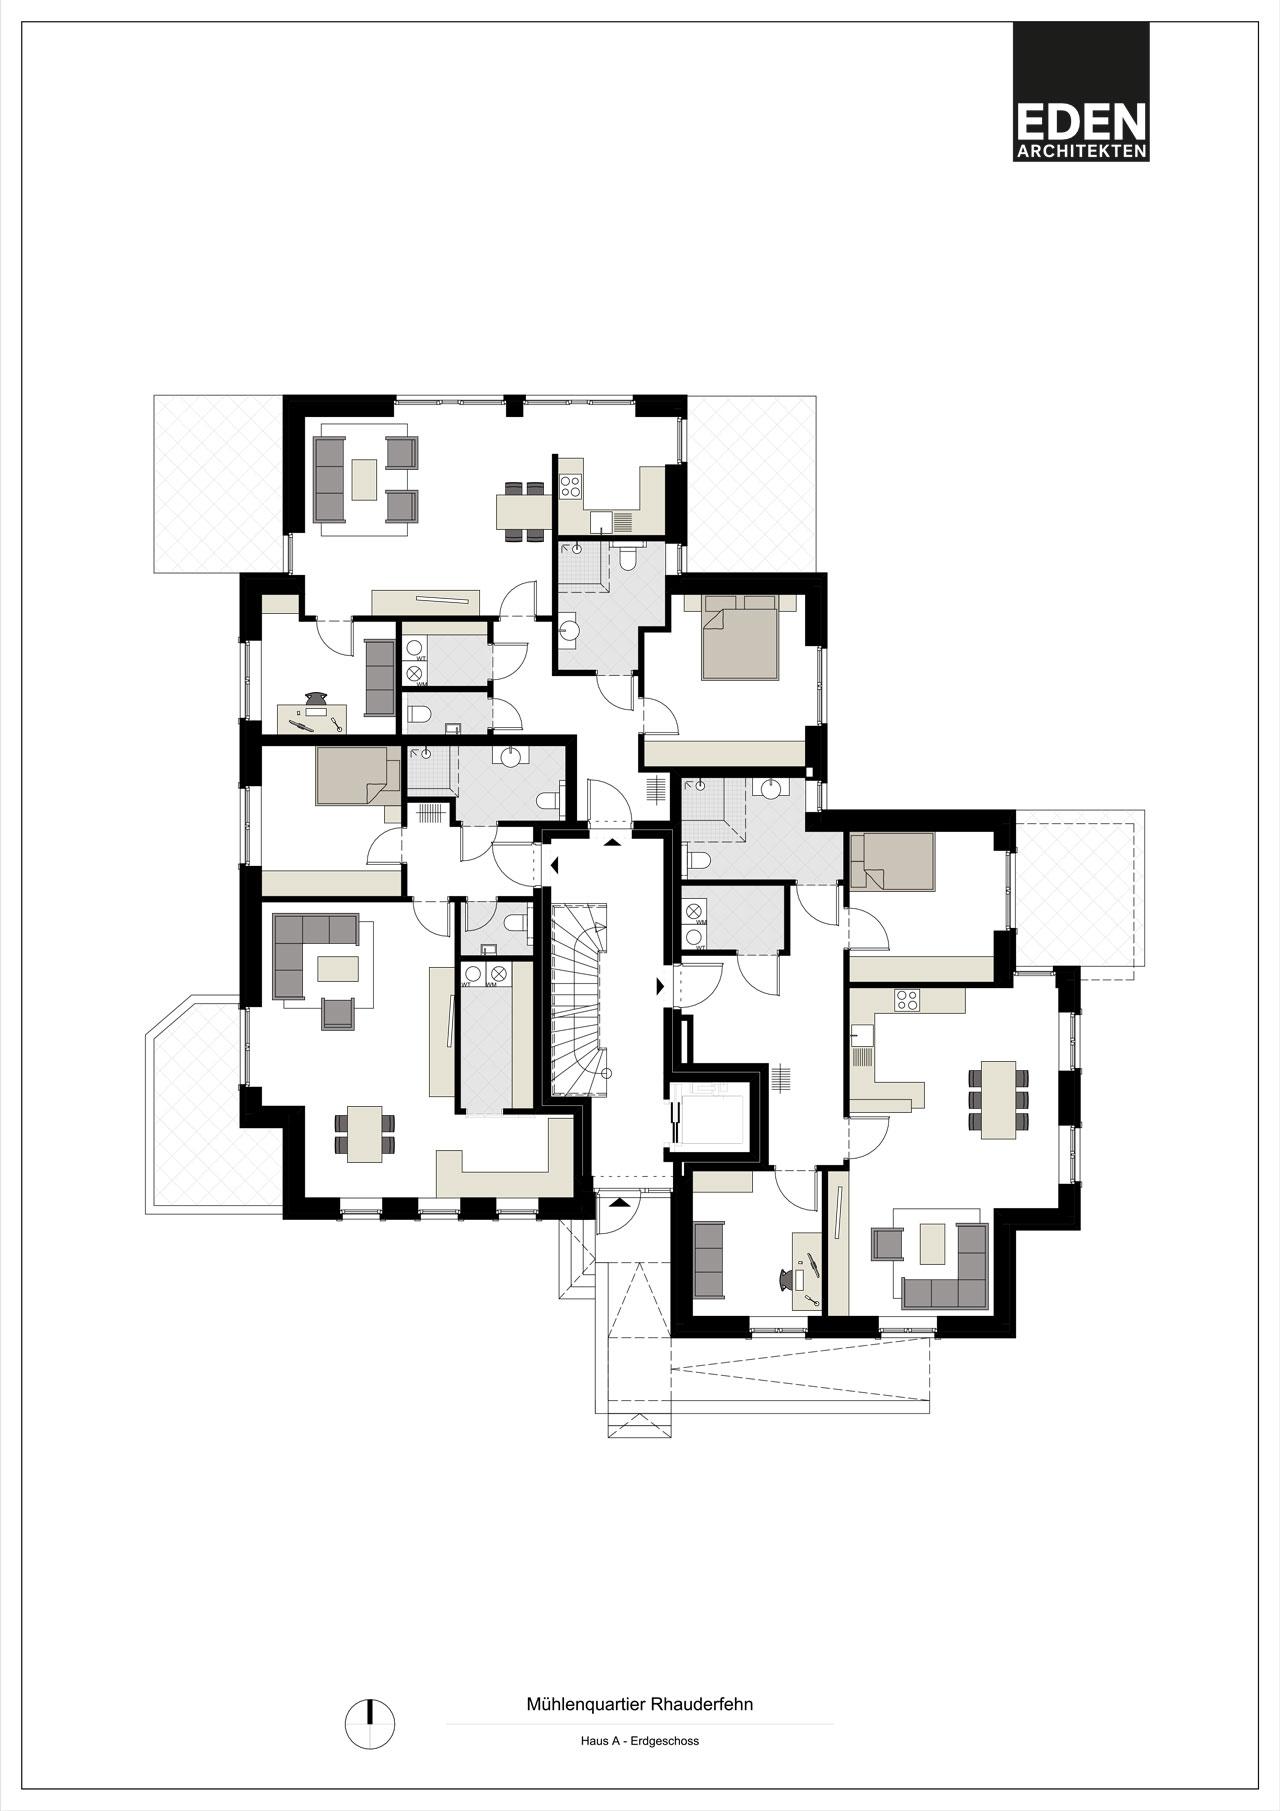 Mühlenquartier_Rhauderfehn_Haus-A_Erdgeschoss